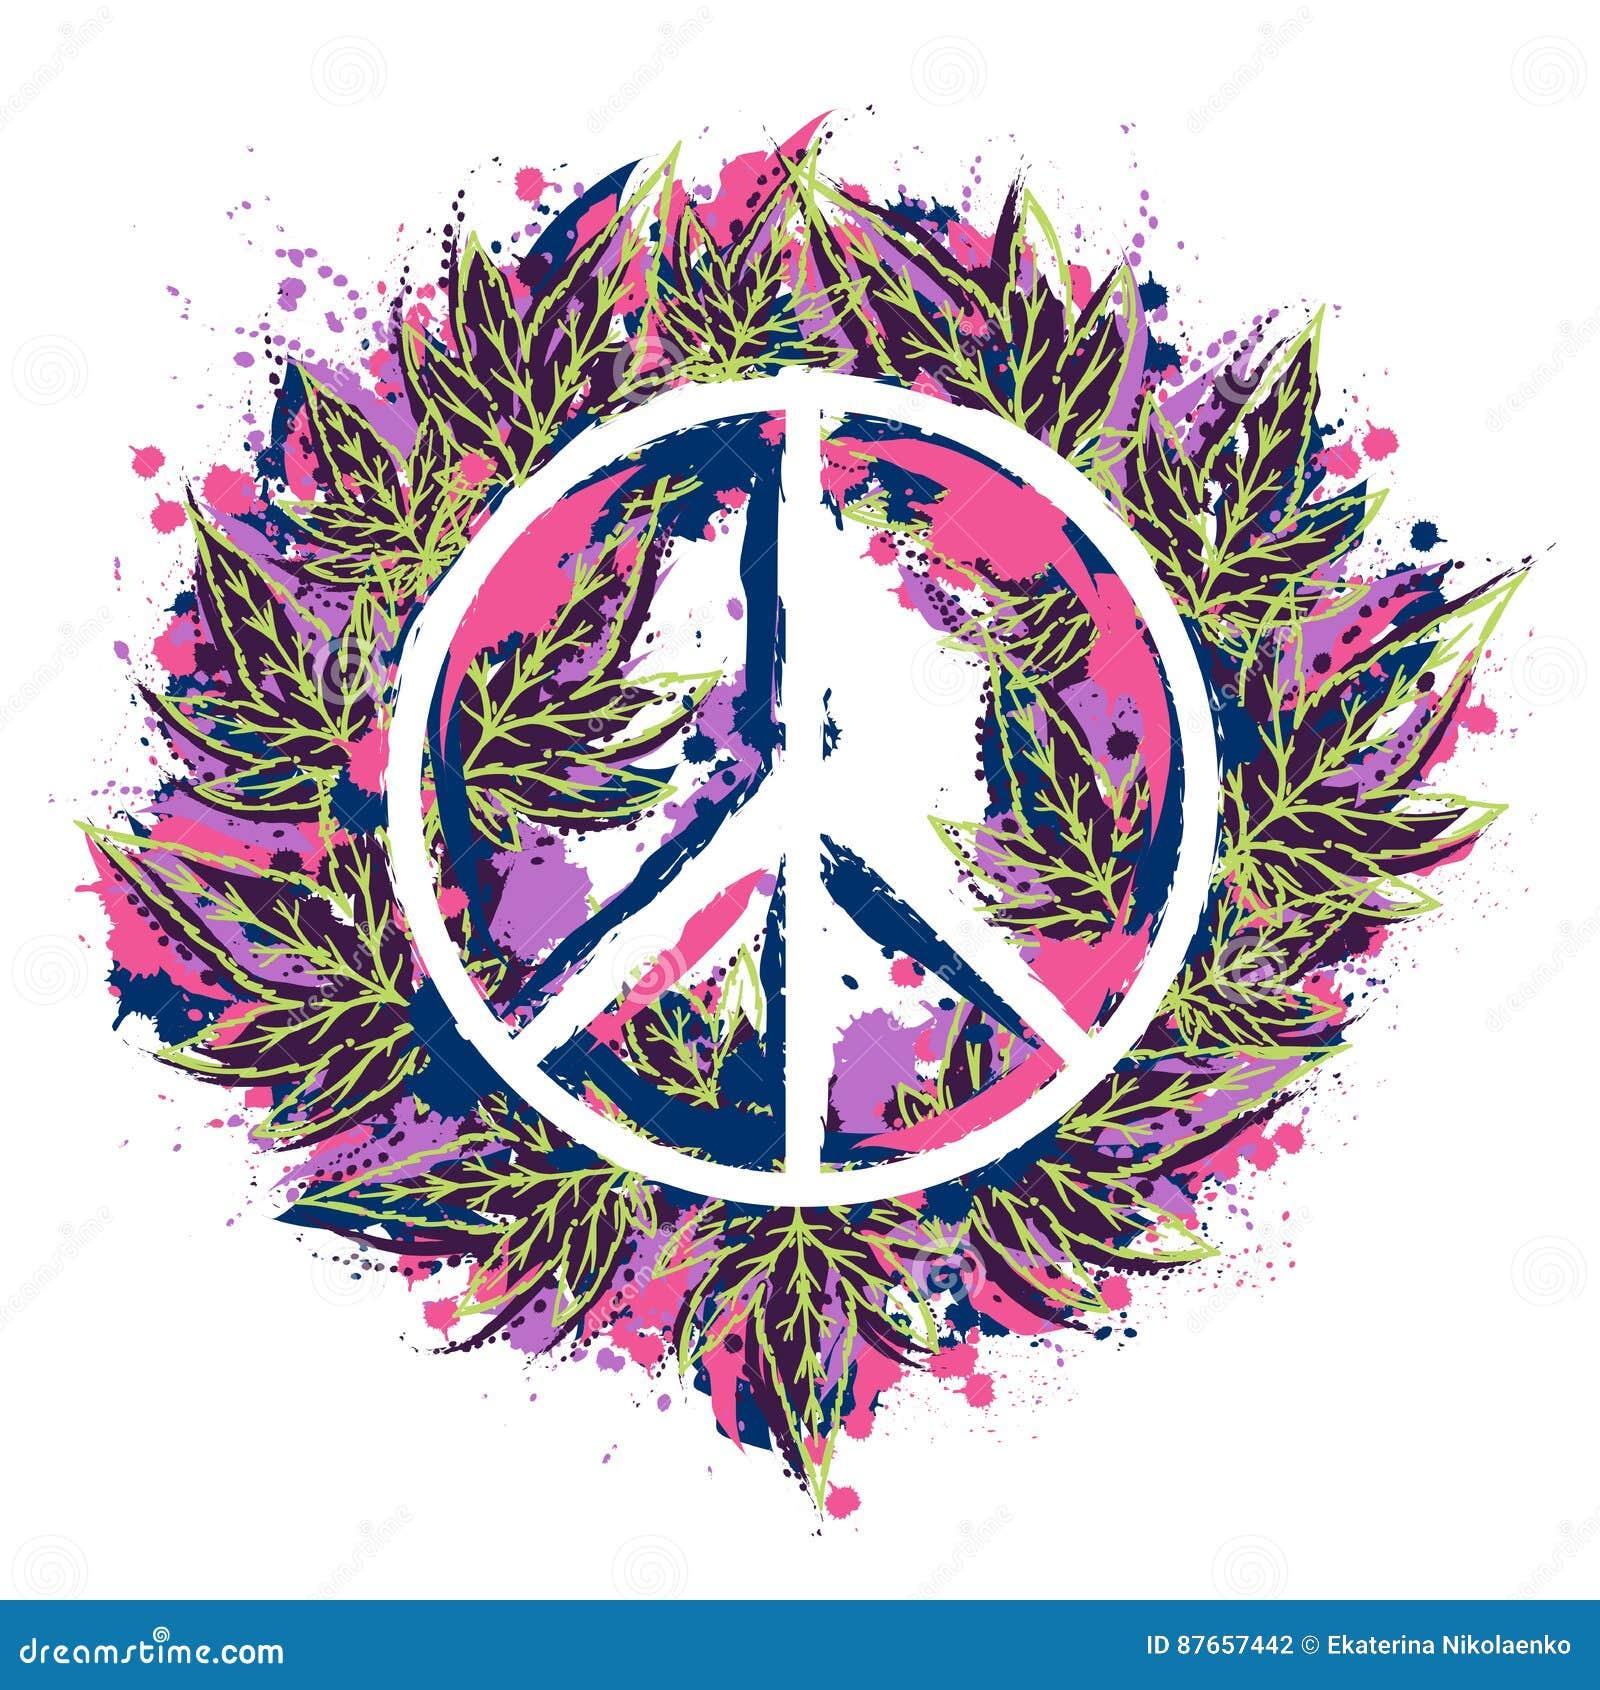 嬉皮与大麻的和平标志在水彩样式离开 嬉皮题材